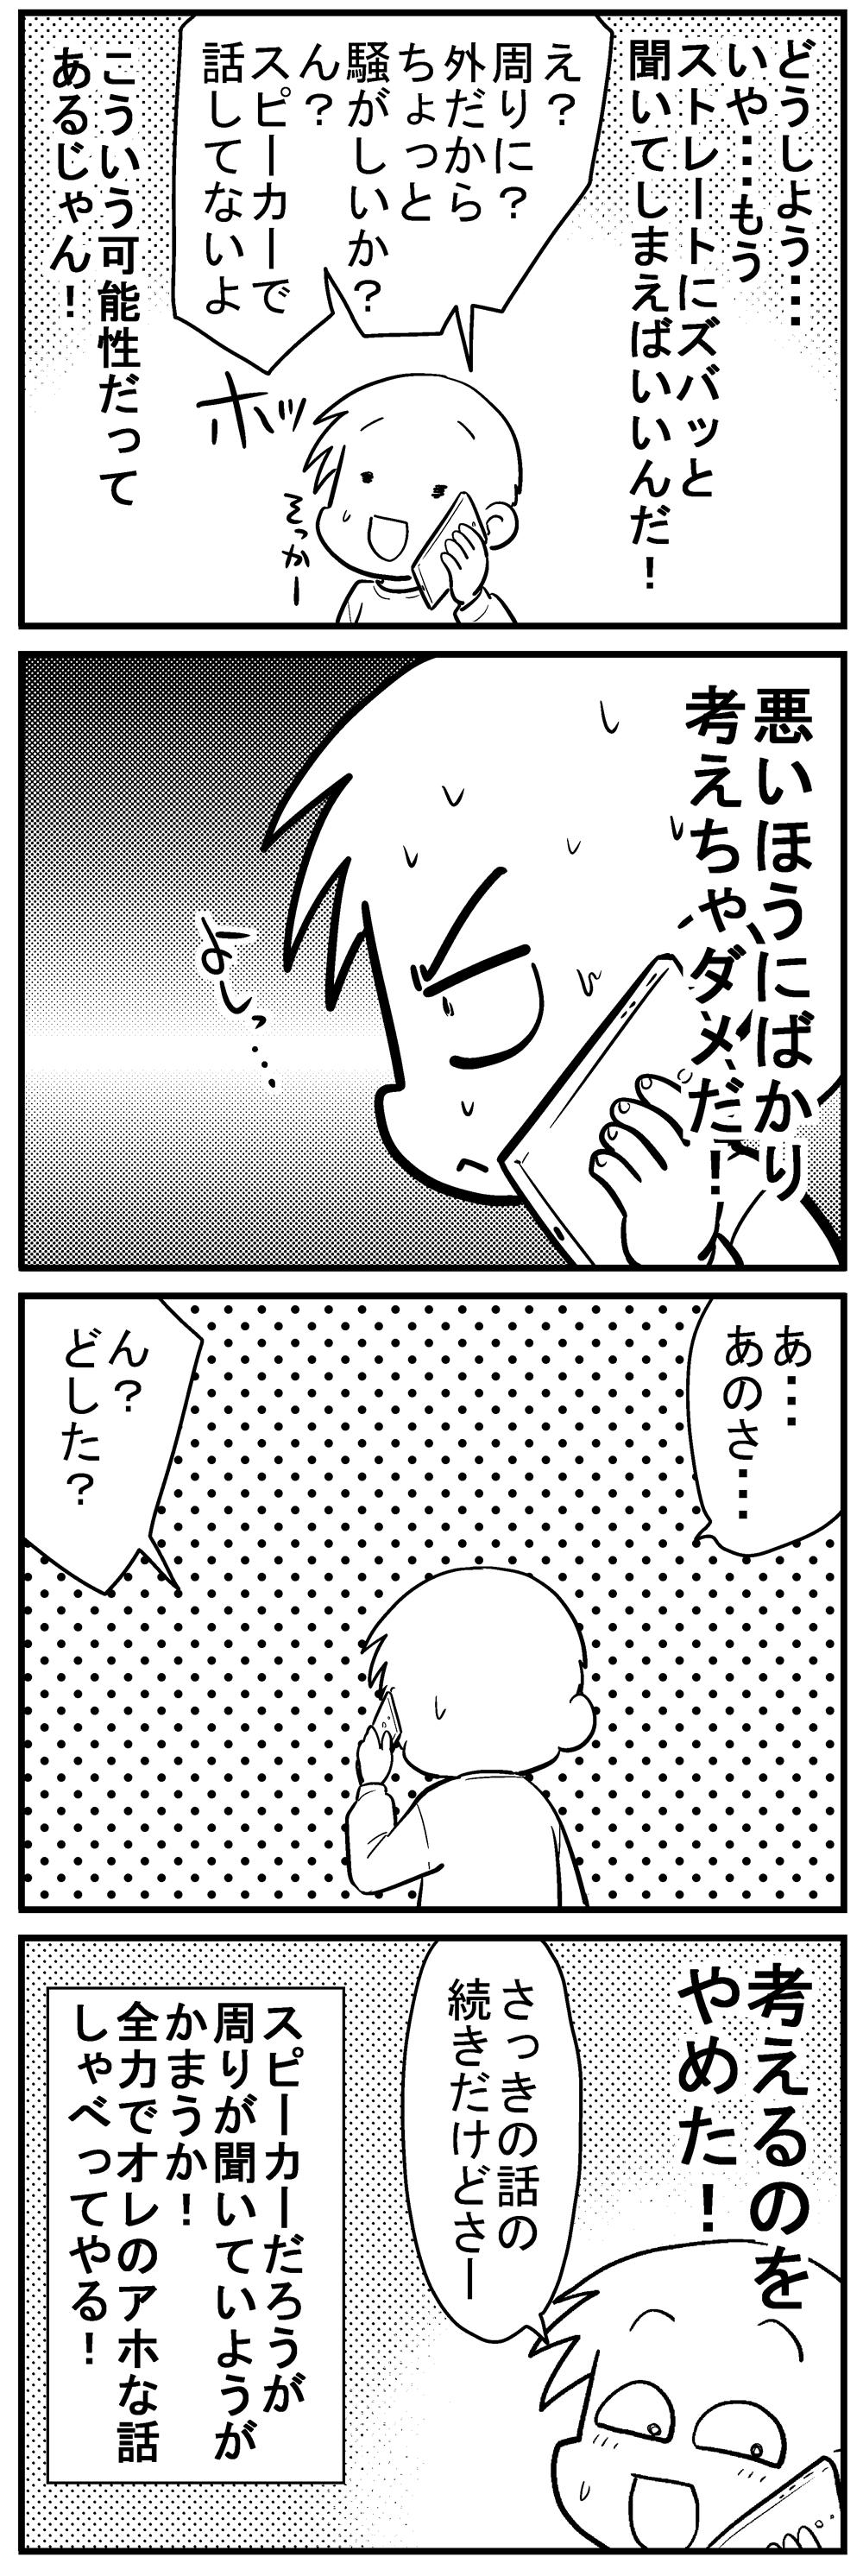 深読みくん127-4